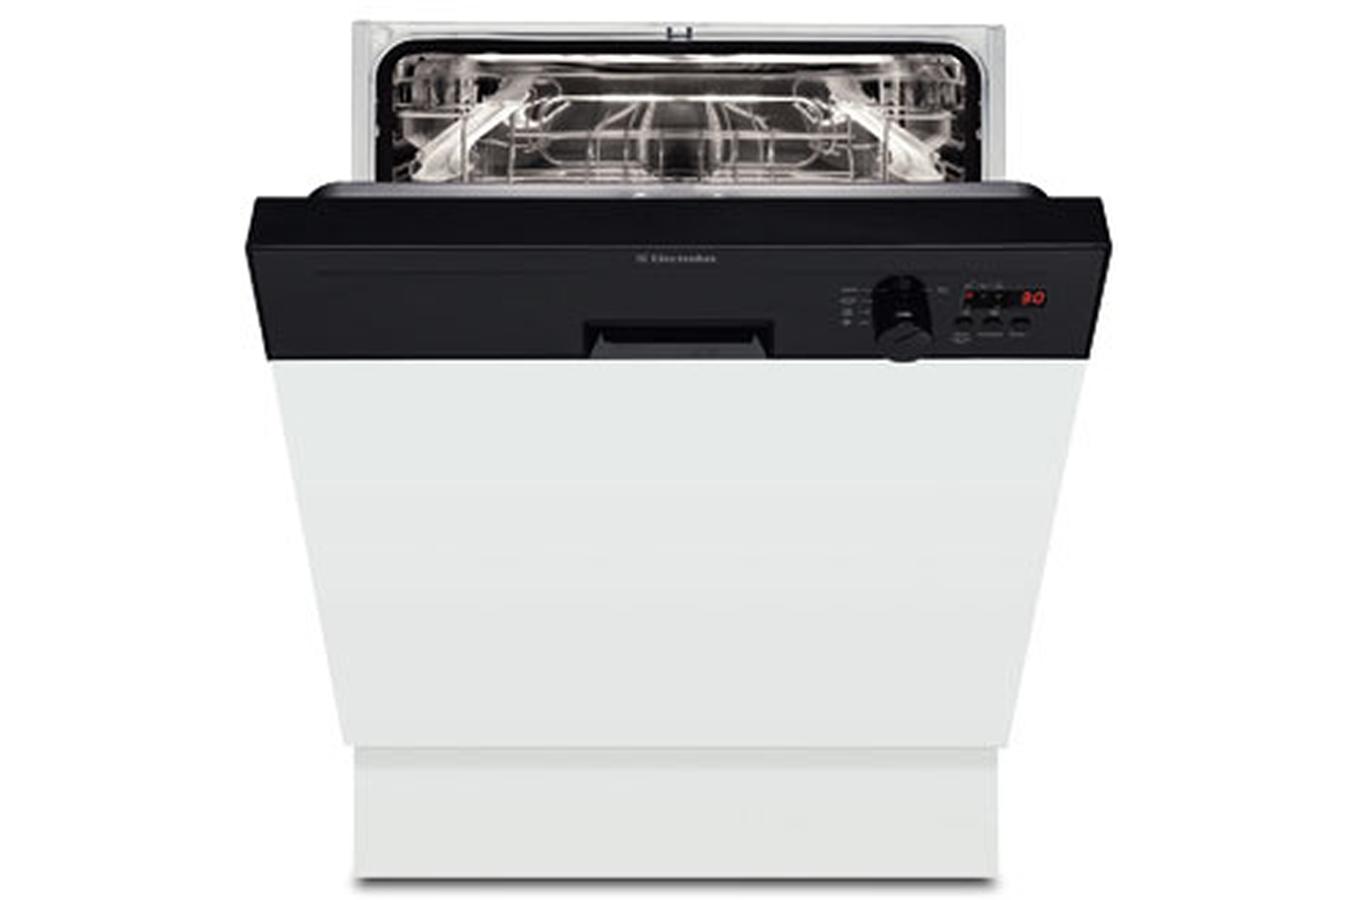 Lave vaisselle encastrable electrolux esi 64060 k noir - Lave vaisselle electrolux encastrable ...